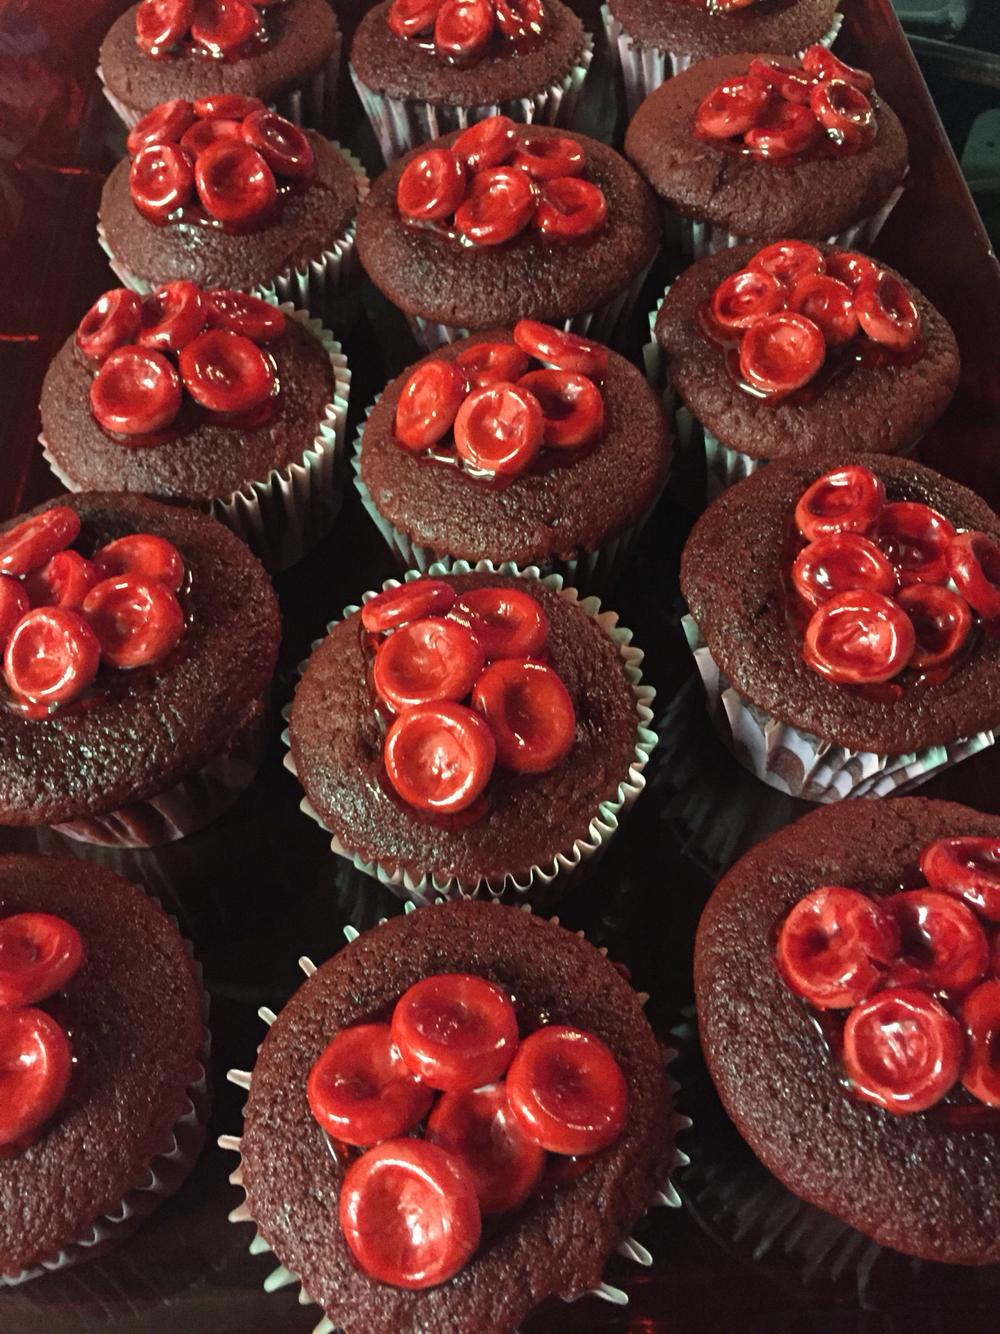 Drawn cupcake bloody Nursing Cells red some Cells